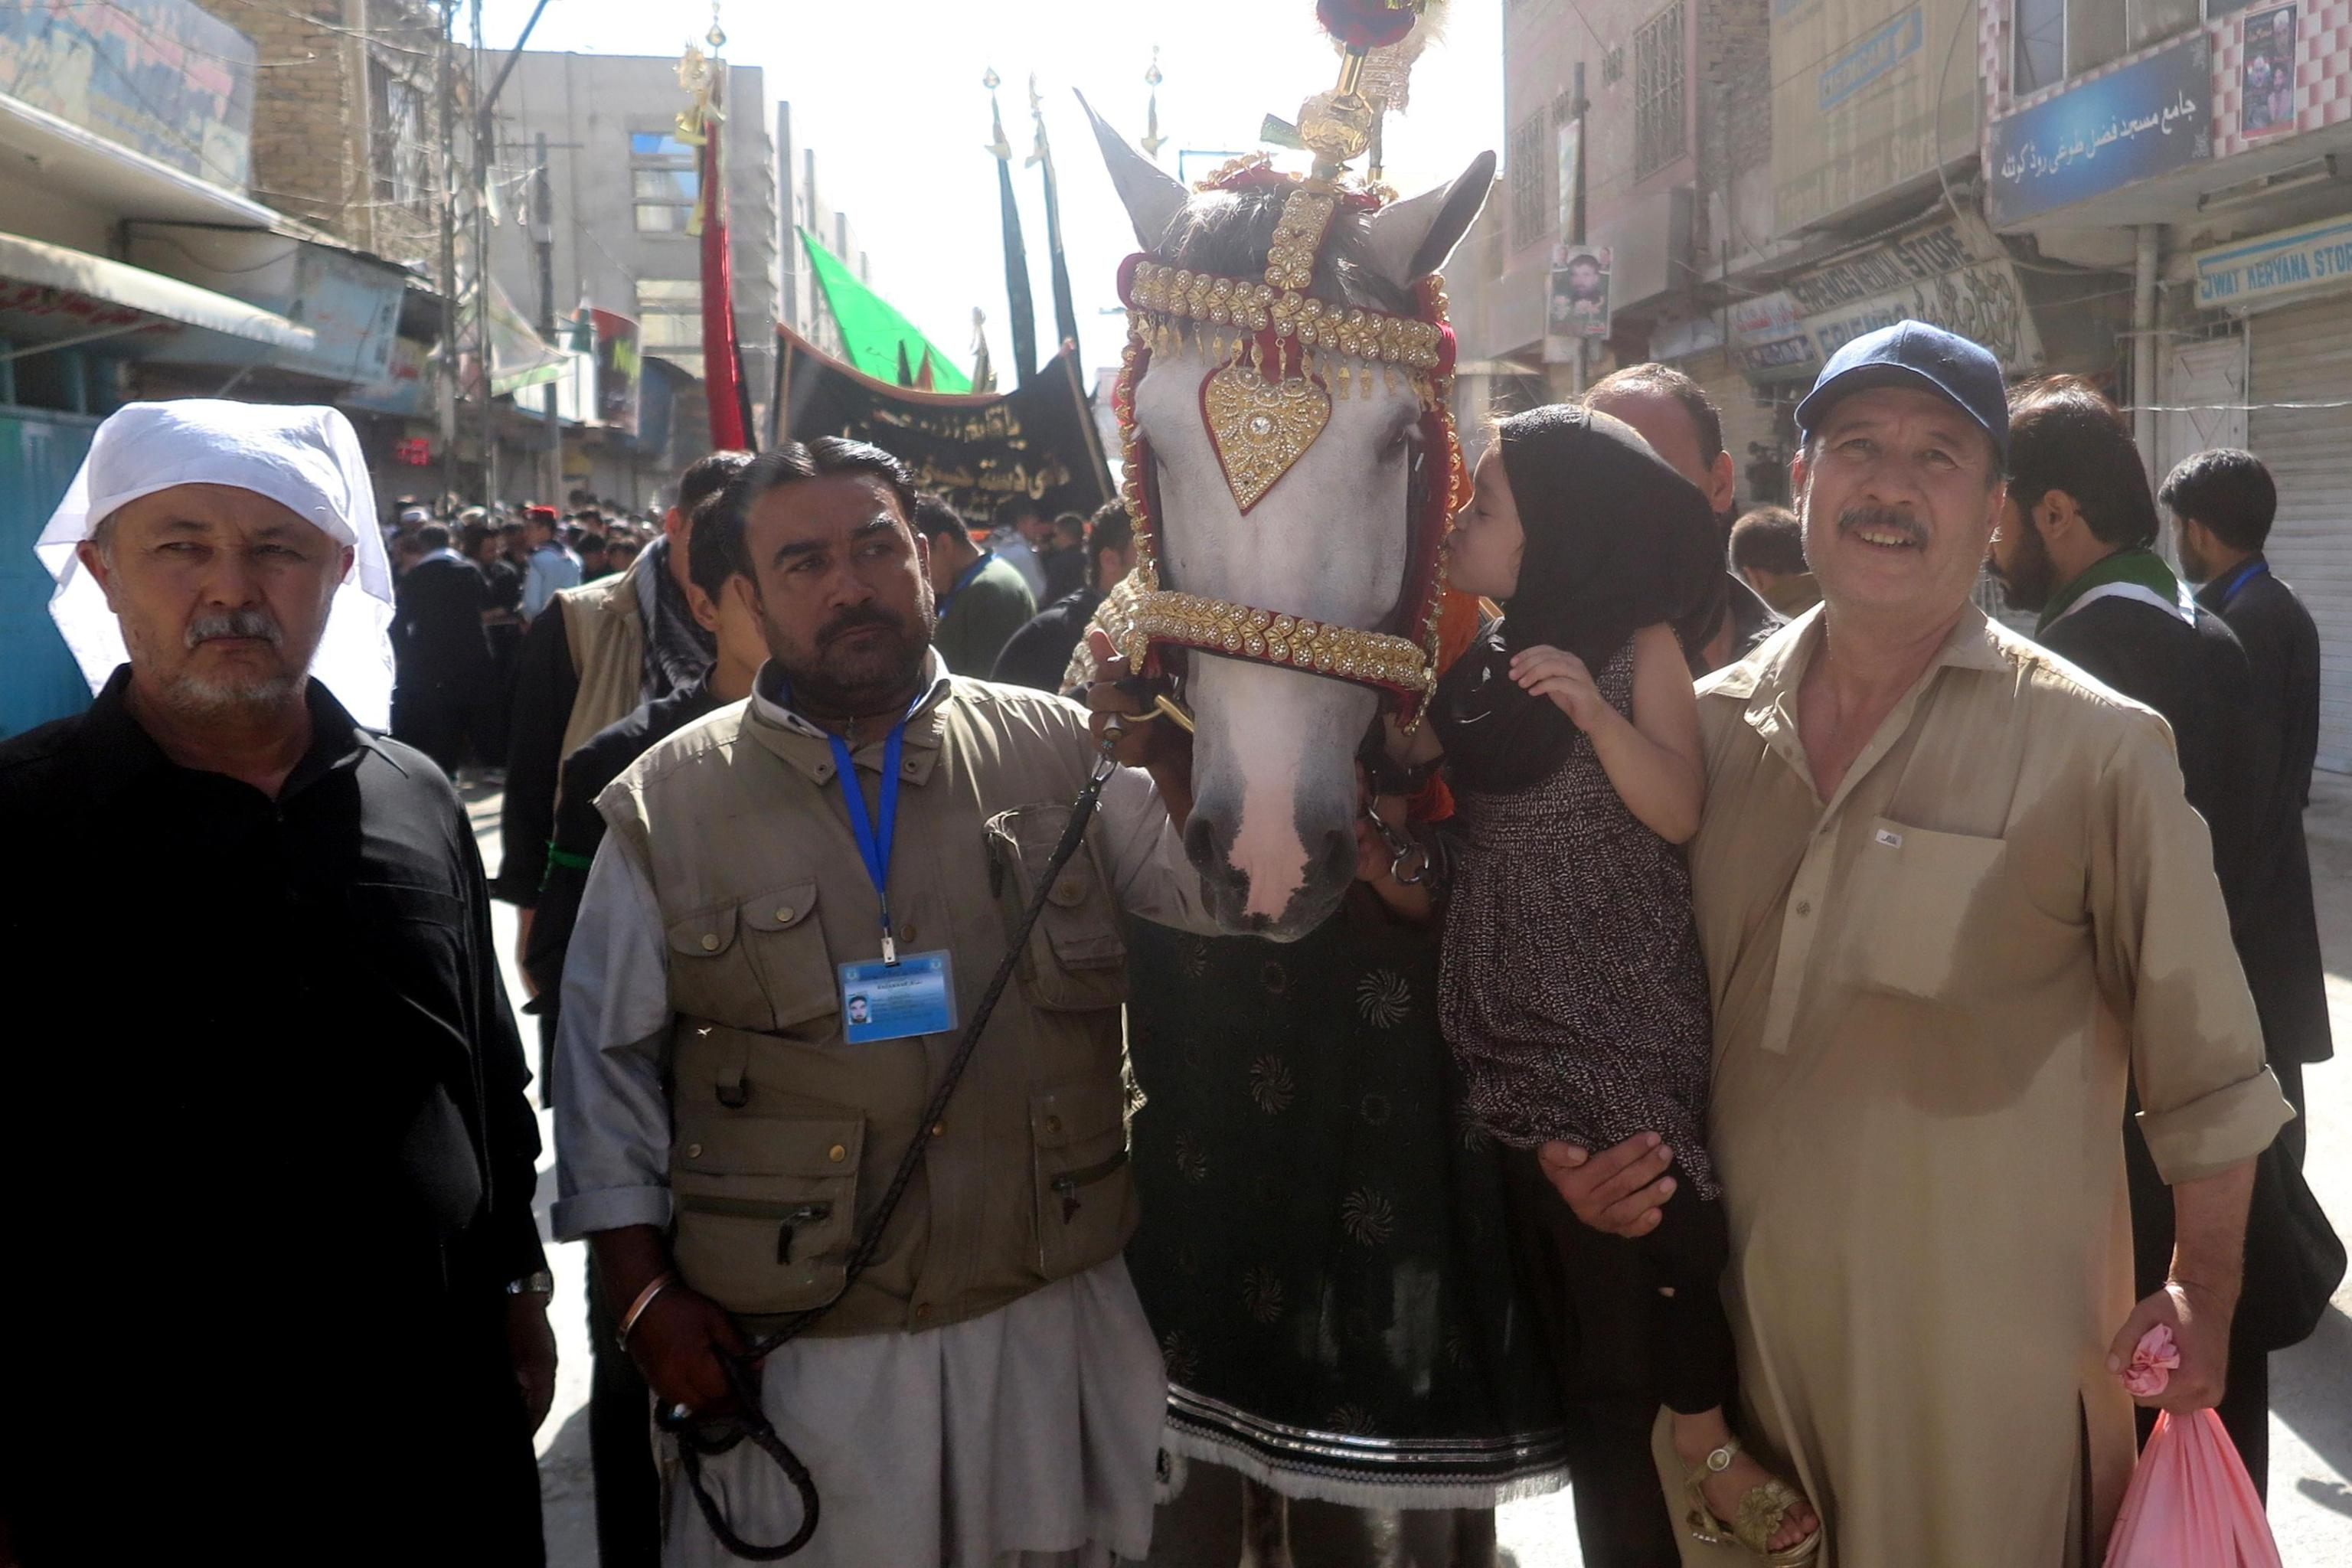 """A Quetta, in Pakistan, i musul si radunano attorno a """"Zuljinah"""", che simboleggia il cavallo dell'Imam Hussein"""